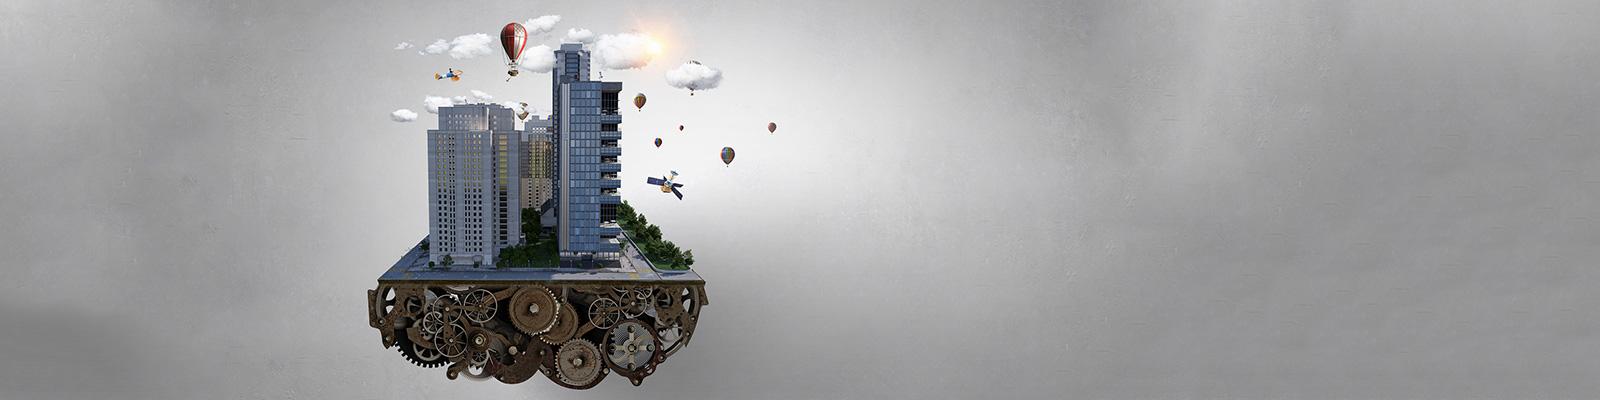 ビルディング エネルギー イメージ